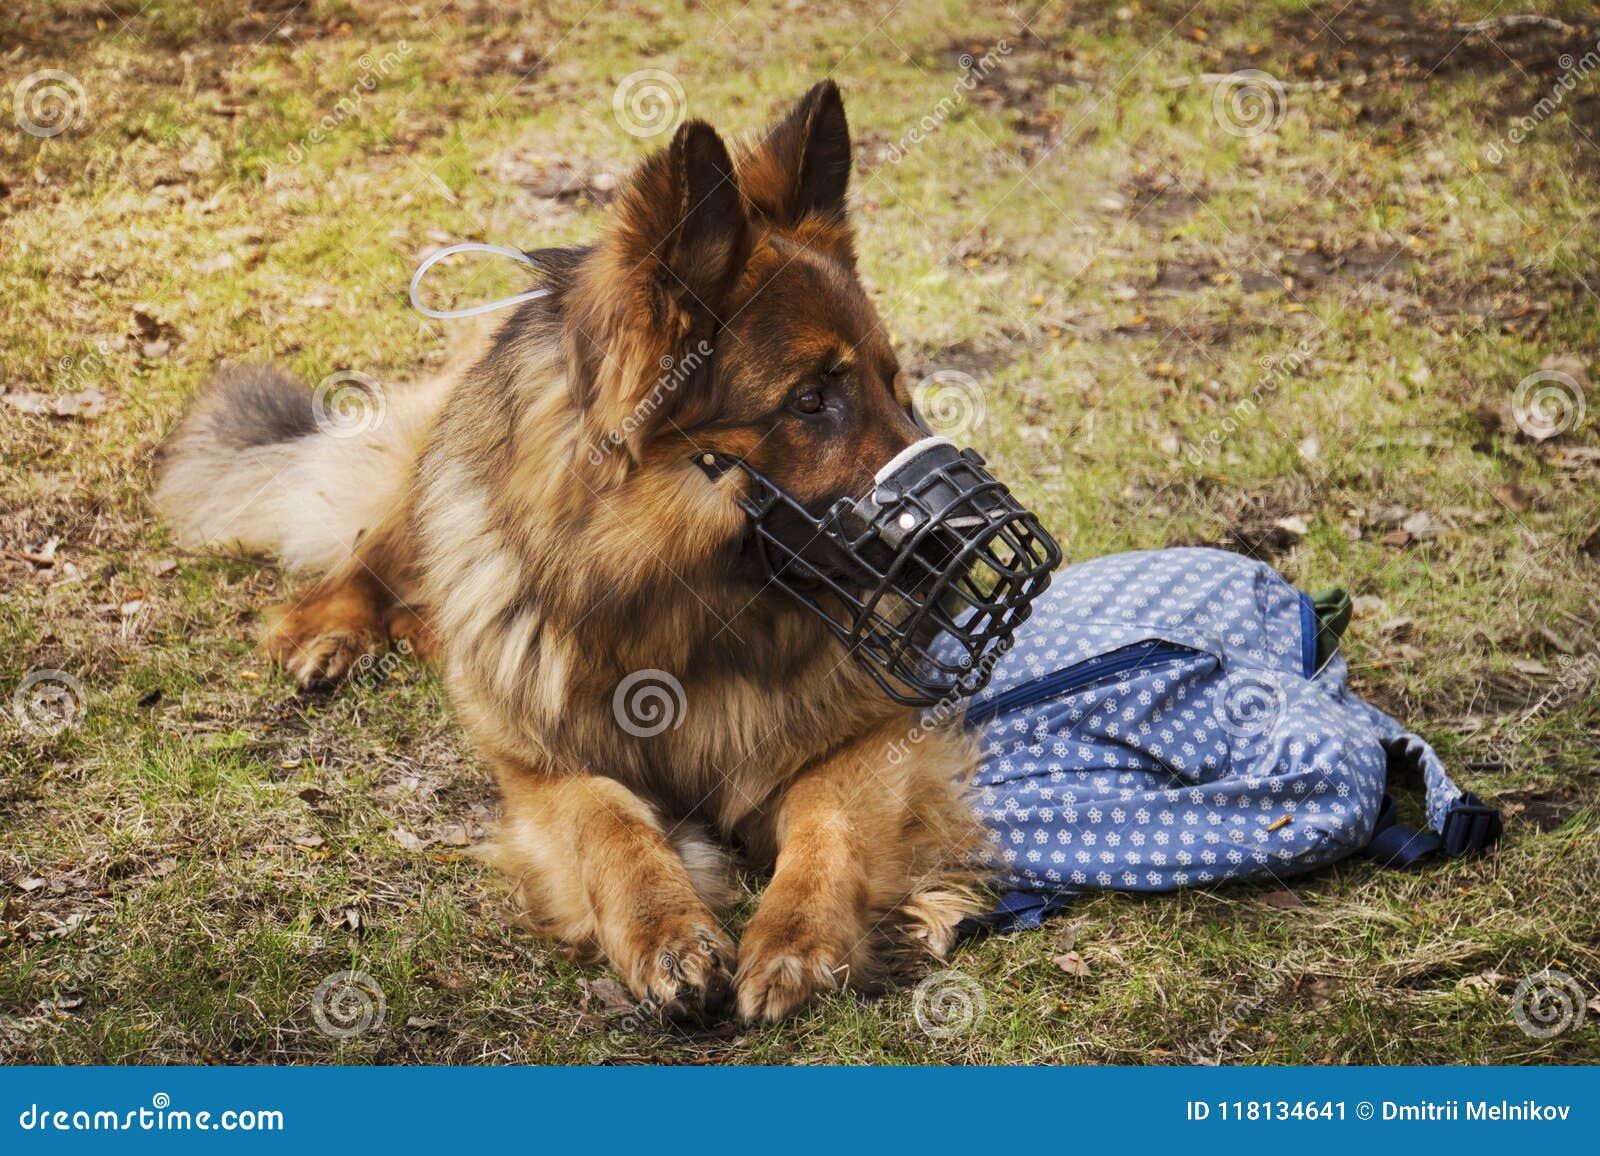 Собака лежит с сумкой близрасположенной Полагают, что защищает собака сумку ` s предпринимателя